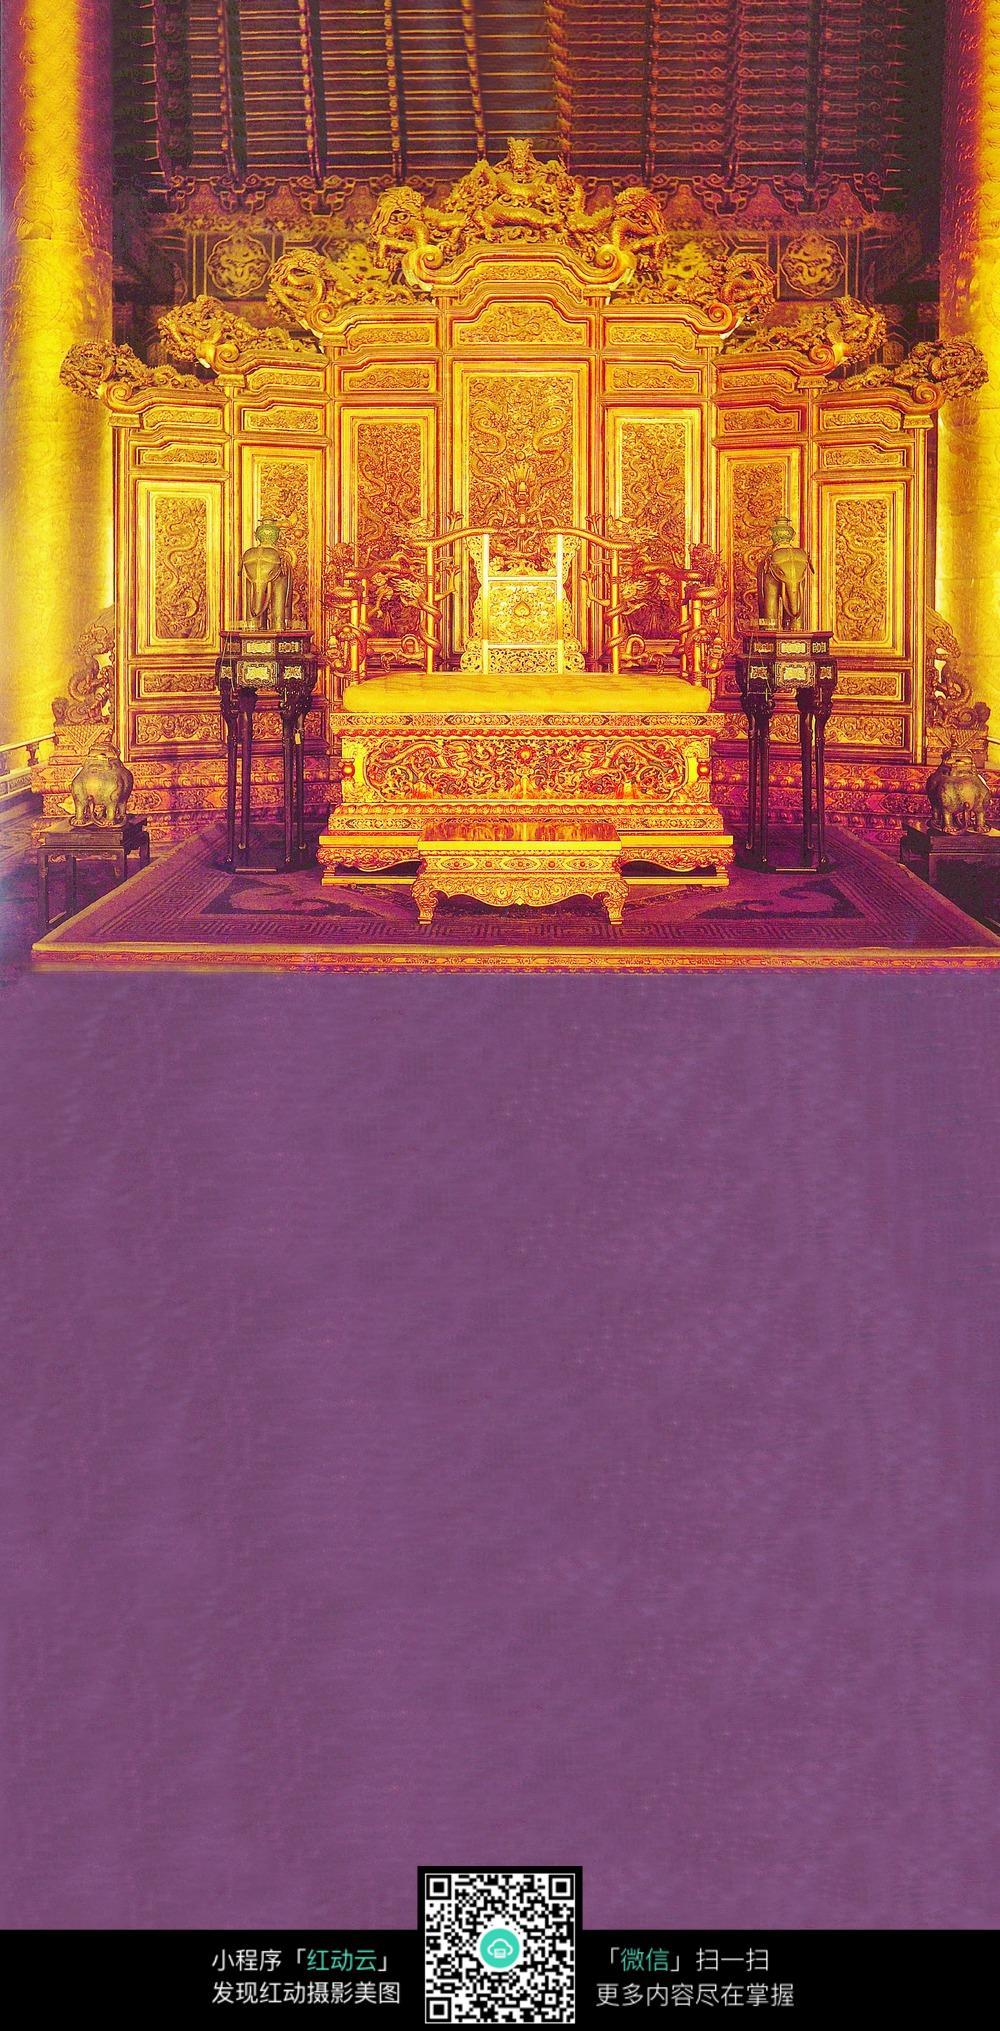 皇宫 宫殿 龙椅 金黄色 大殿 摄影图片 图片素材图片